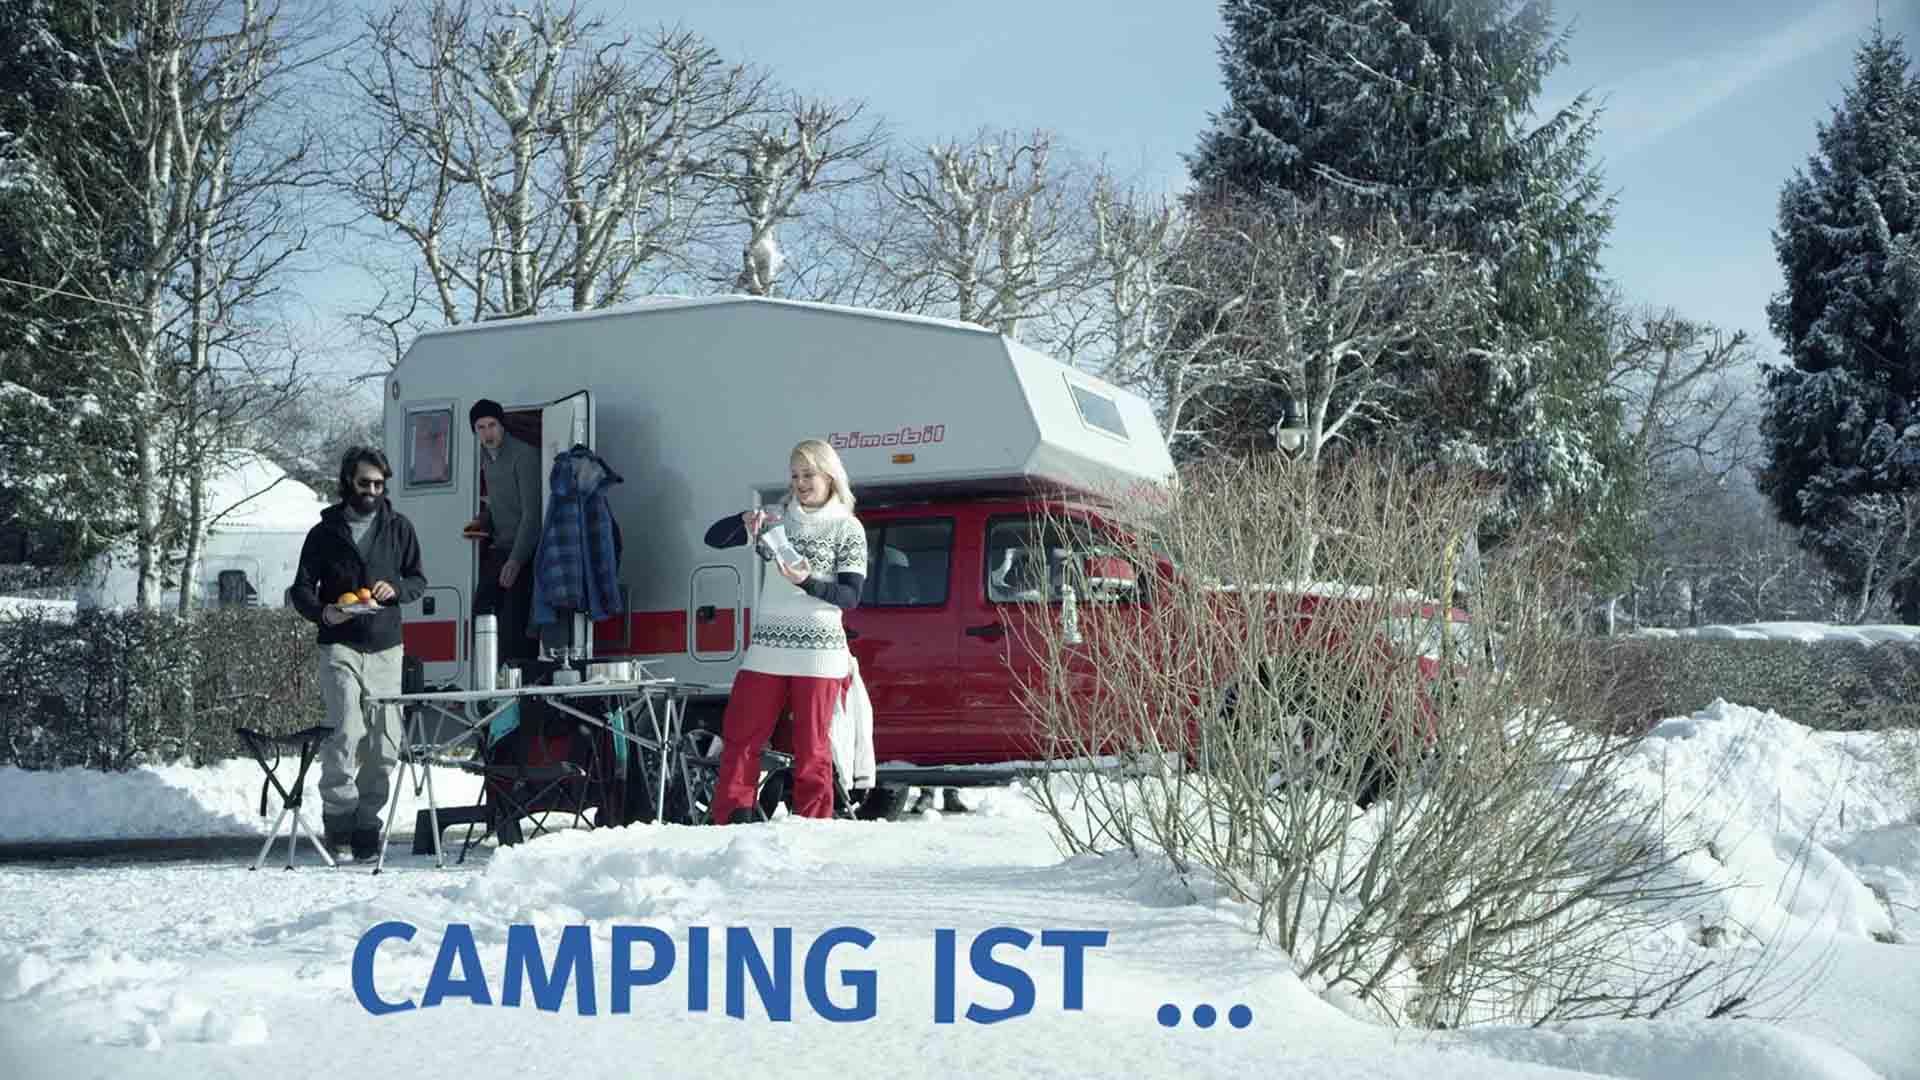 """Das Bild zeigt einen roten Camper. Er steht in einer verschneiten Landschaft. Vor ihm stehen Menschen. Sie campen. Darunter sieht man die Worte """"Campen ist.."""" Sie wurden per Animation eingefügt. Das Bild dient als Sliderbild für den Portfolioeintrag Bayerntourismus Wintercamping in Bayern von Panda Pictures."""